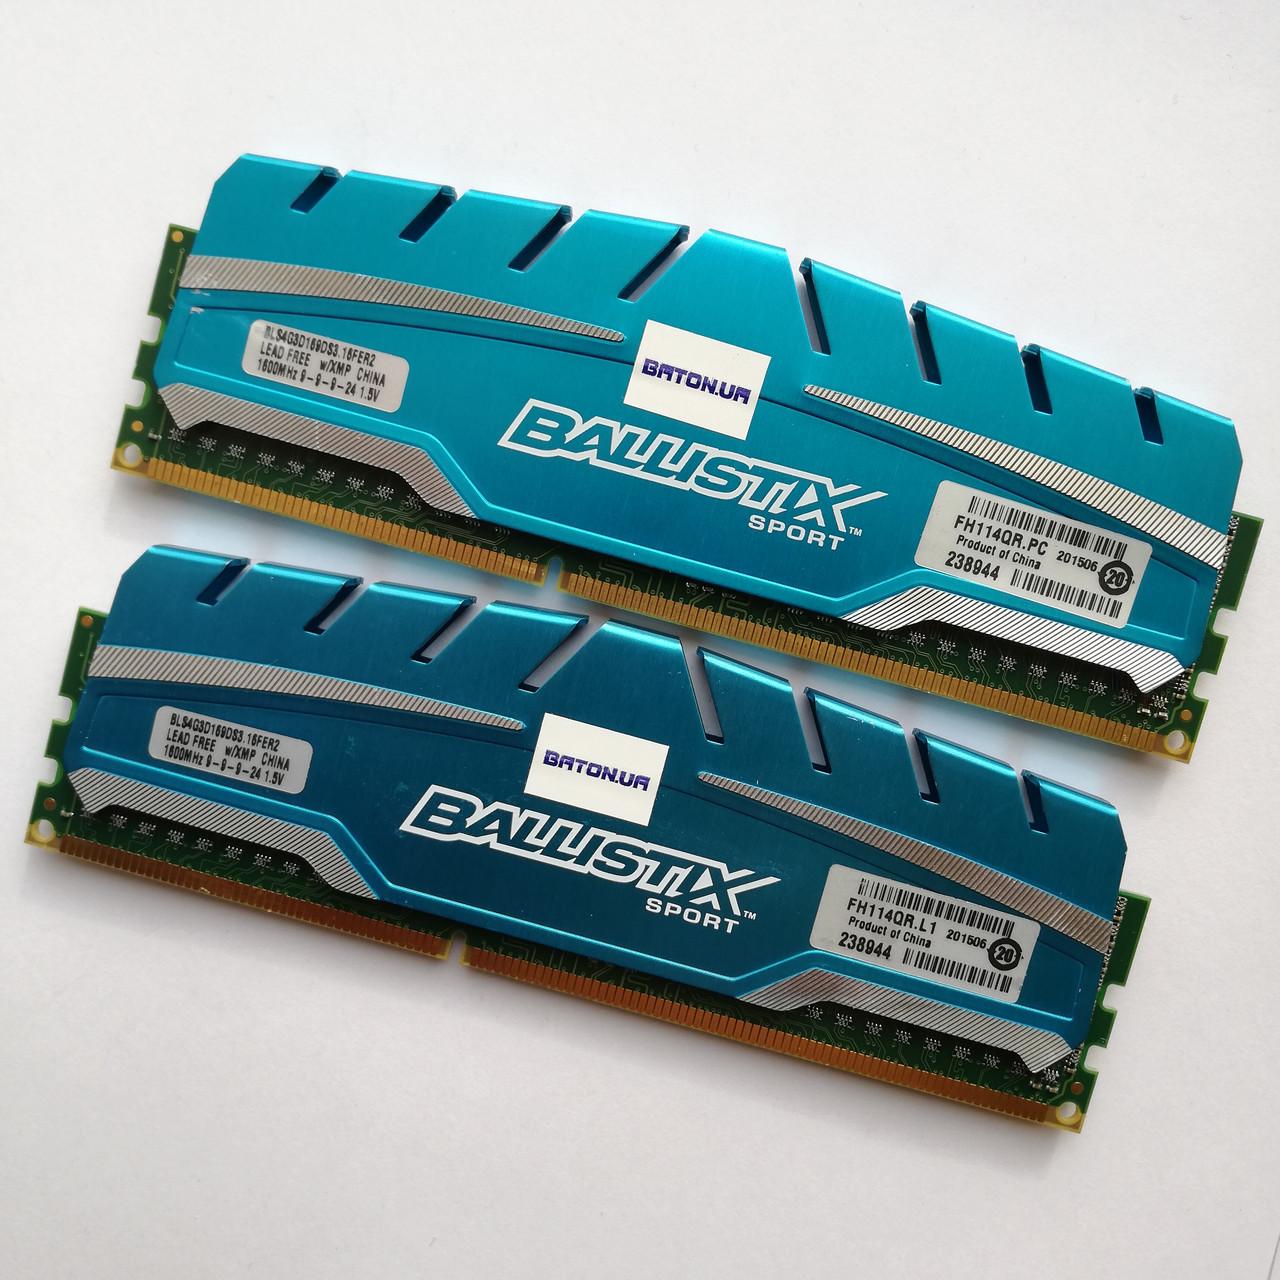 Игровая оперативная память Crucial Ballistix DDR3 8Gb (4Gb+4Gb)  1600MHz 12800U CL9 (BLS4G3D169DS3.16FER2) Б/У